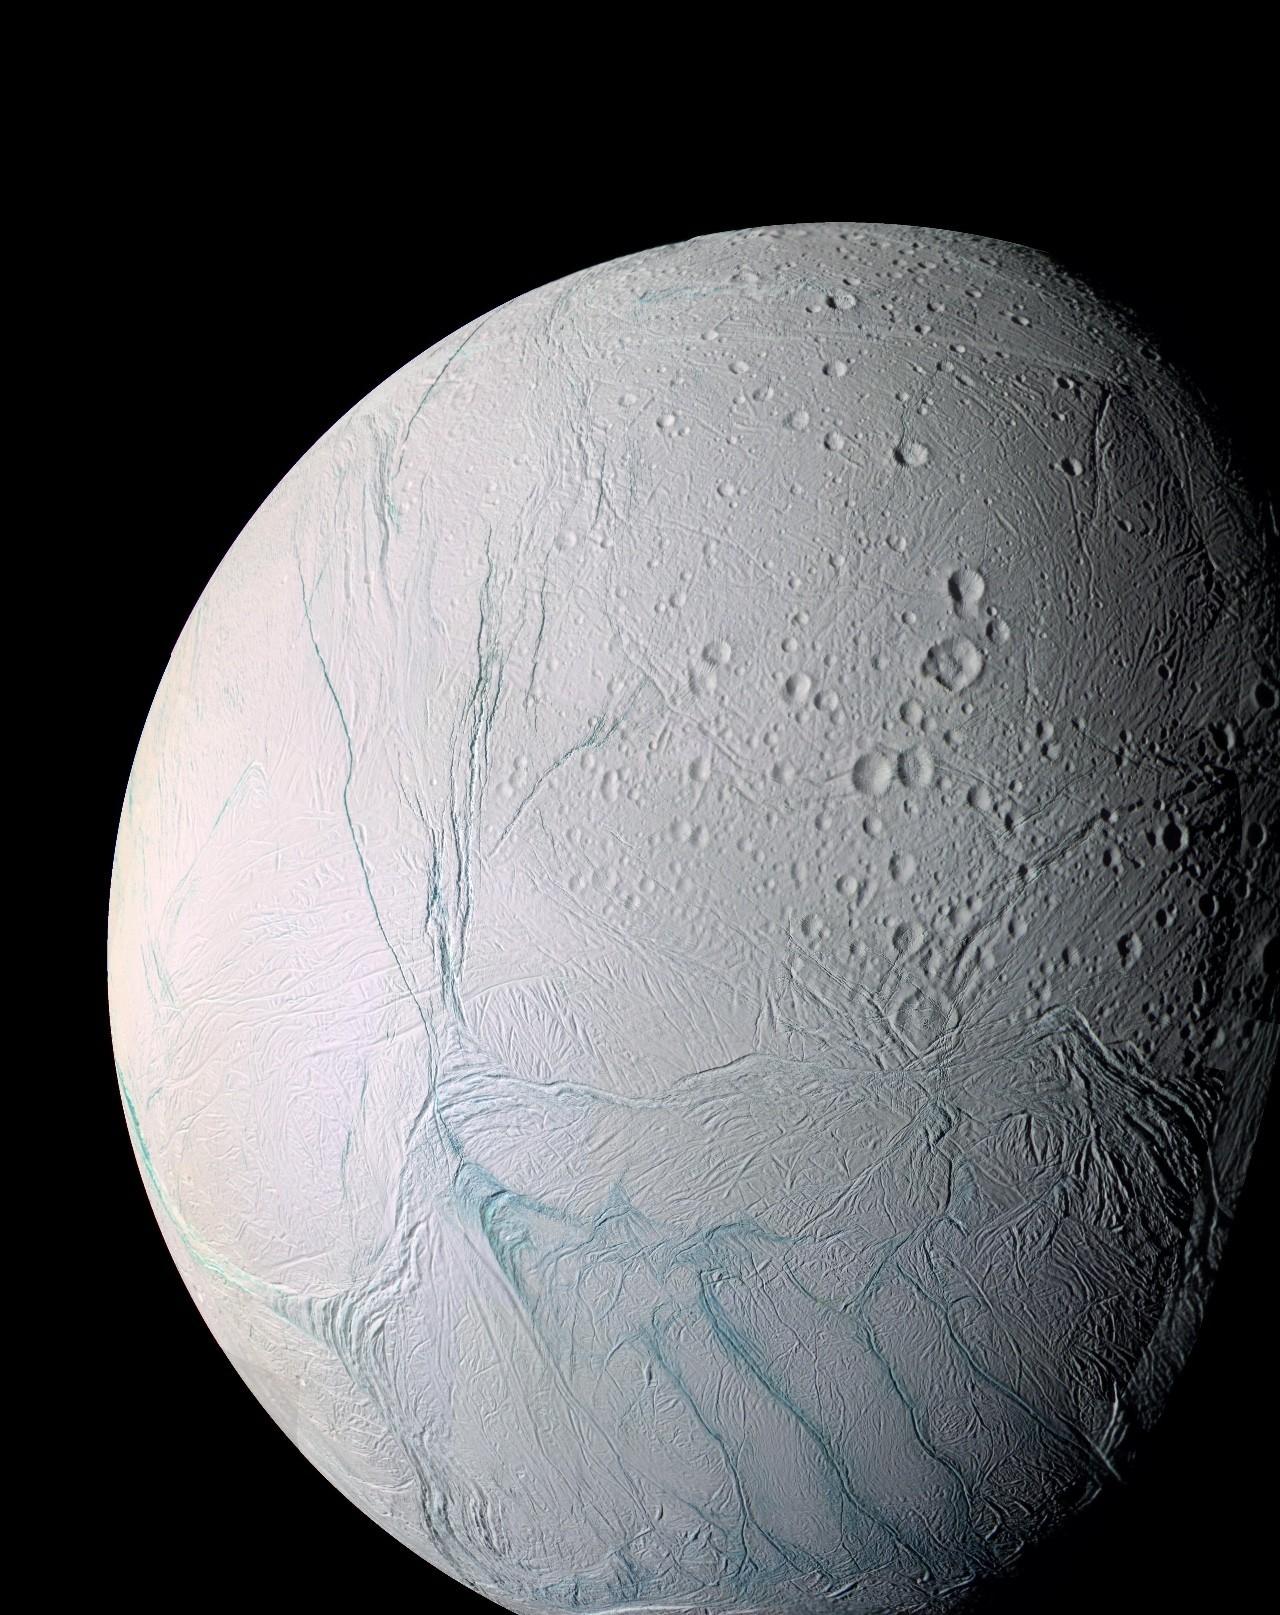 惊人发现:土星第一卫星可能真的有生命-第1张图片-IT新视野